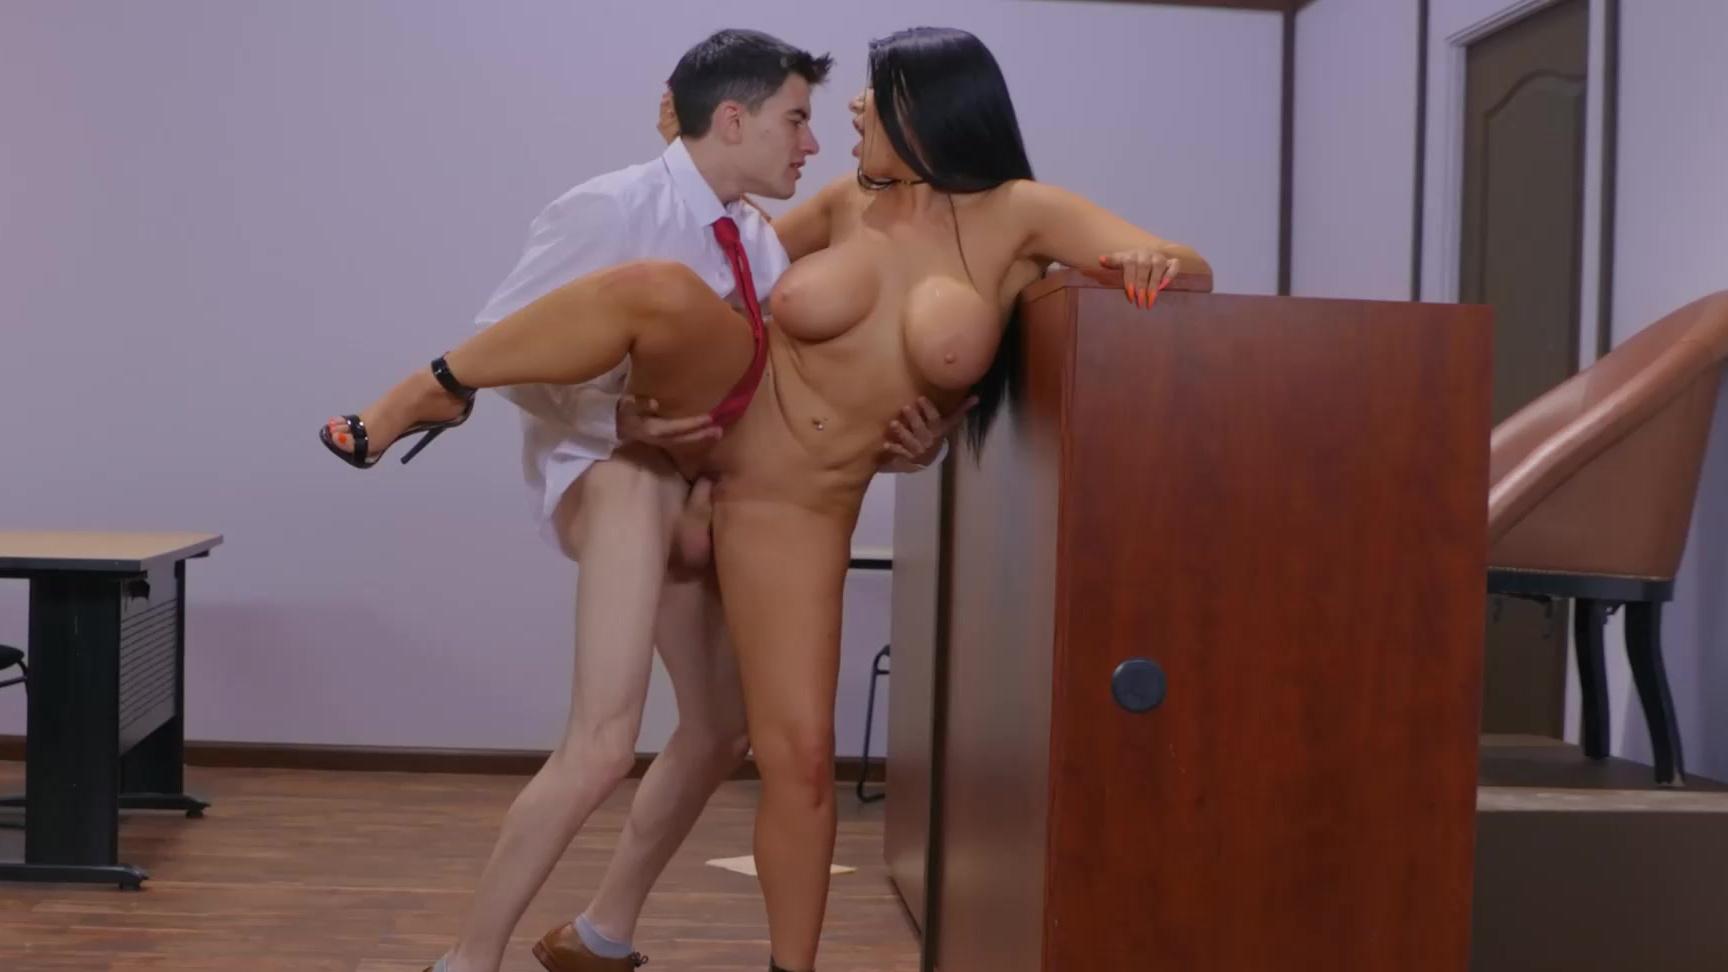 Ainara Y Jordi Porno judge jordi takes unexpected actionfucking romi s ass